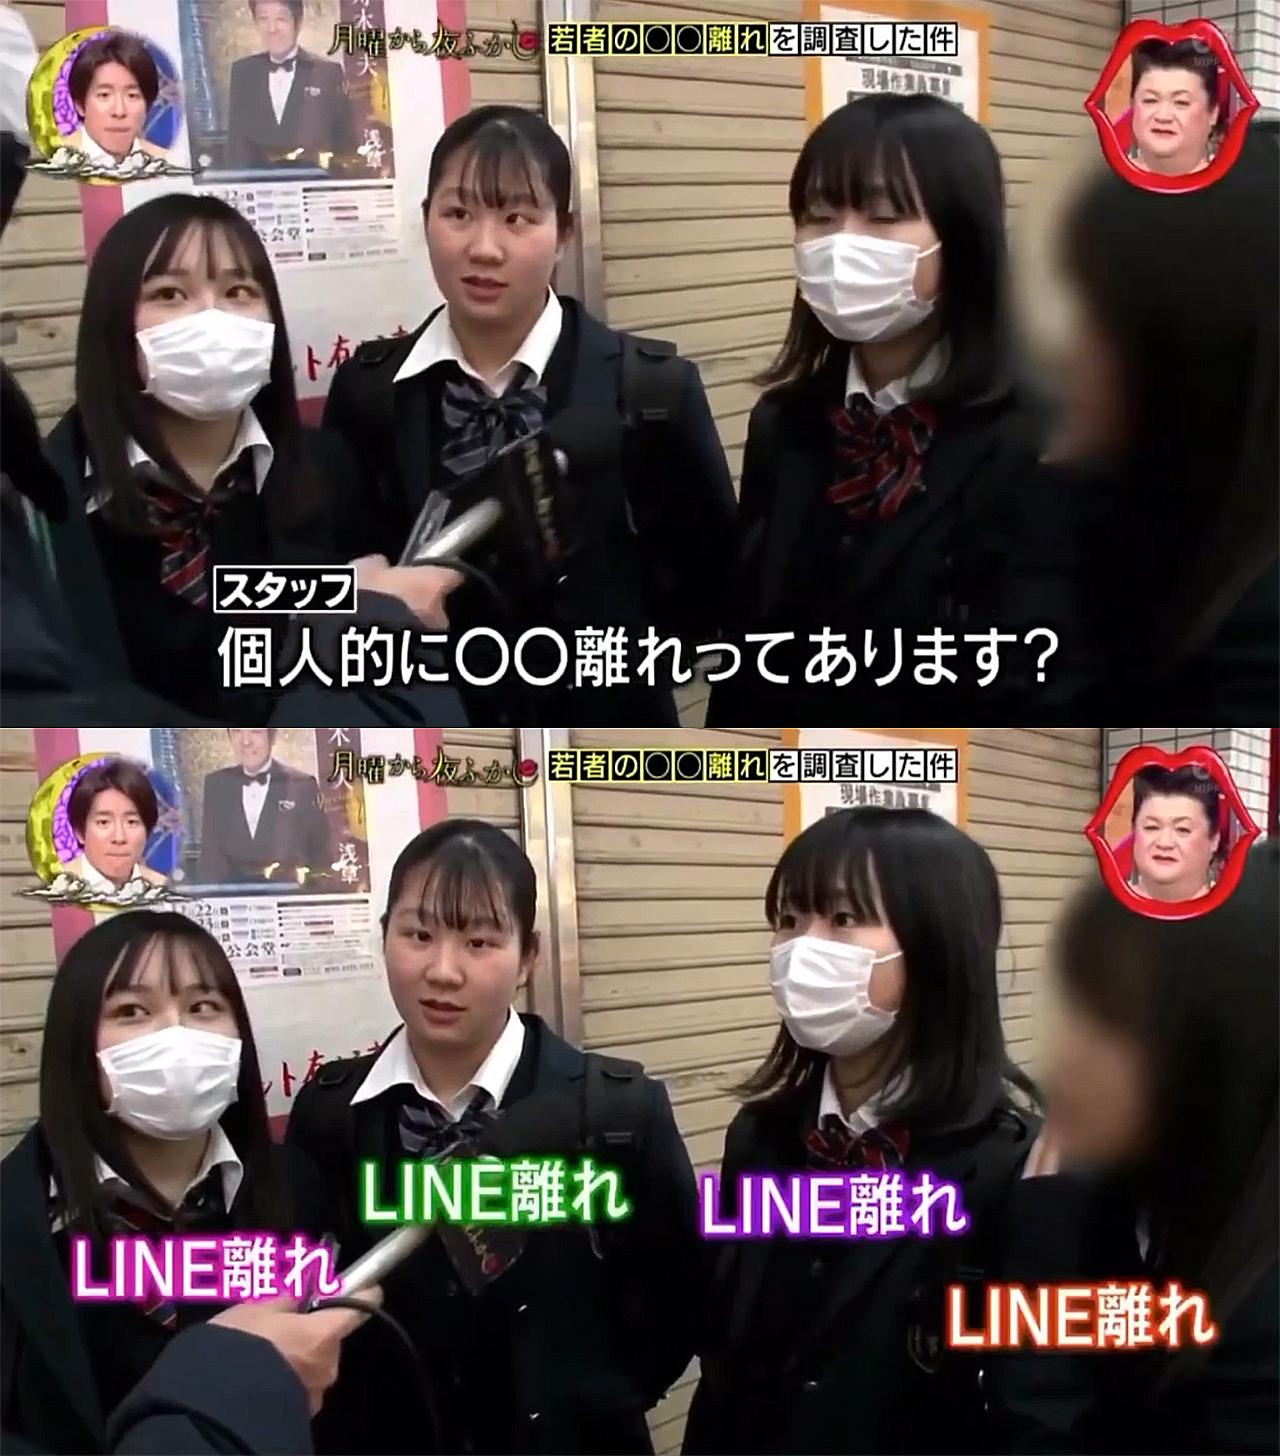 【速報】 LINEを使ってるのは中高年おじさんだった? 若者のLINE離れ、女子高生グループ「インスタかAirdrop」 画像あり (日テレ)  [お断り★]